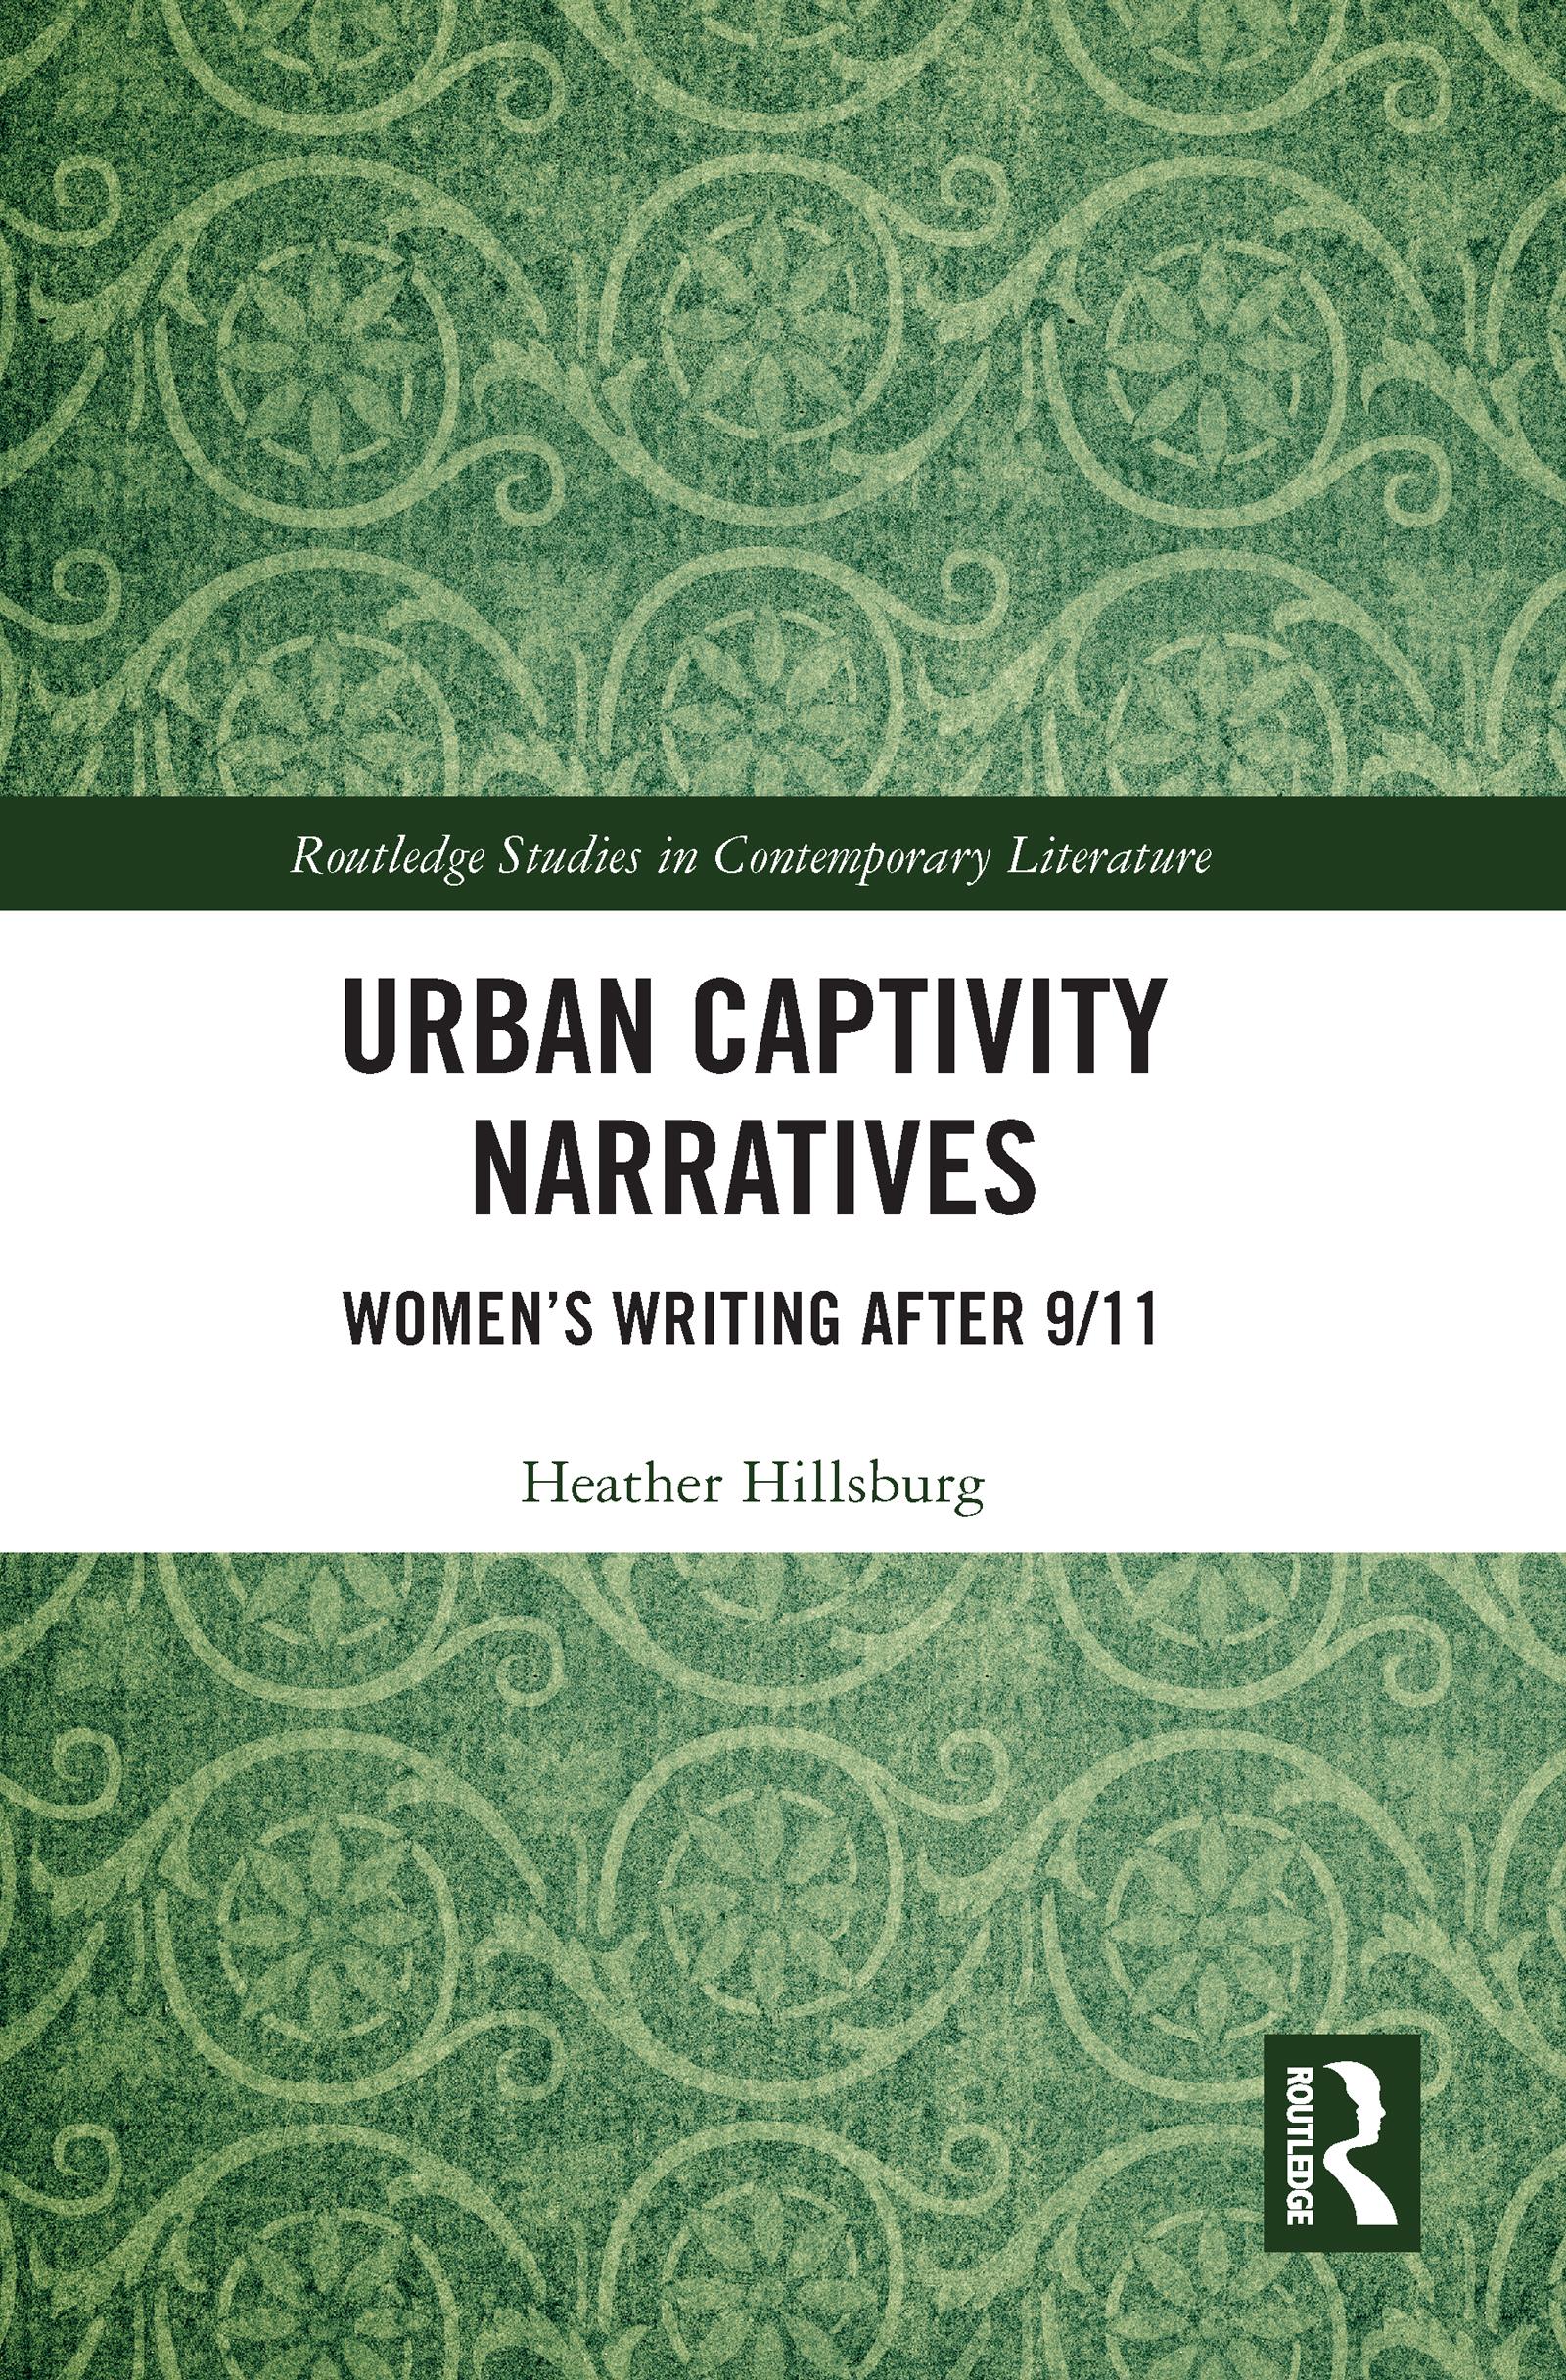 Urban Captivity Narratives